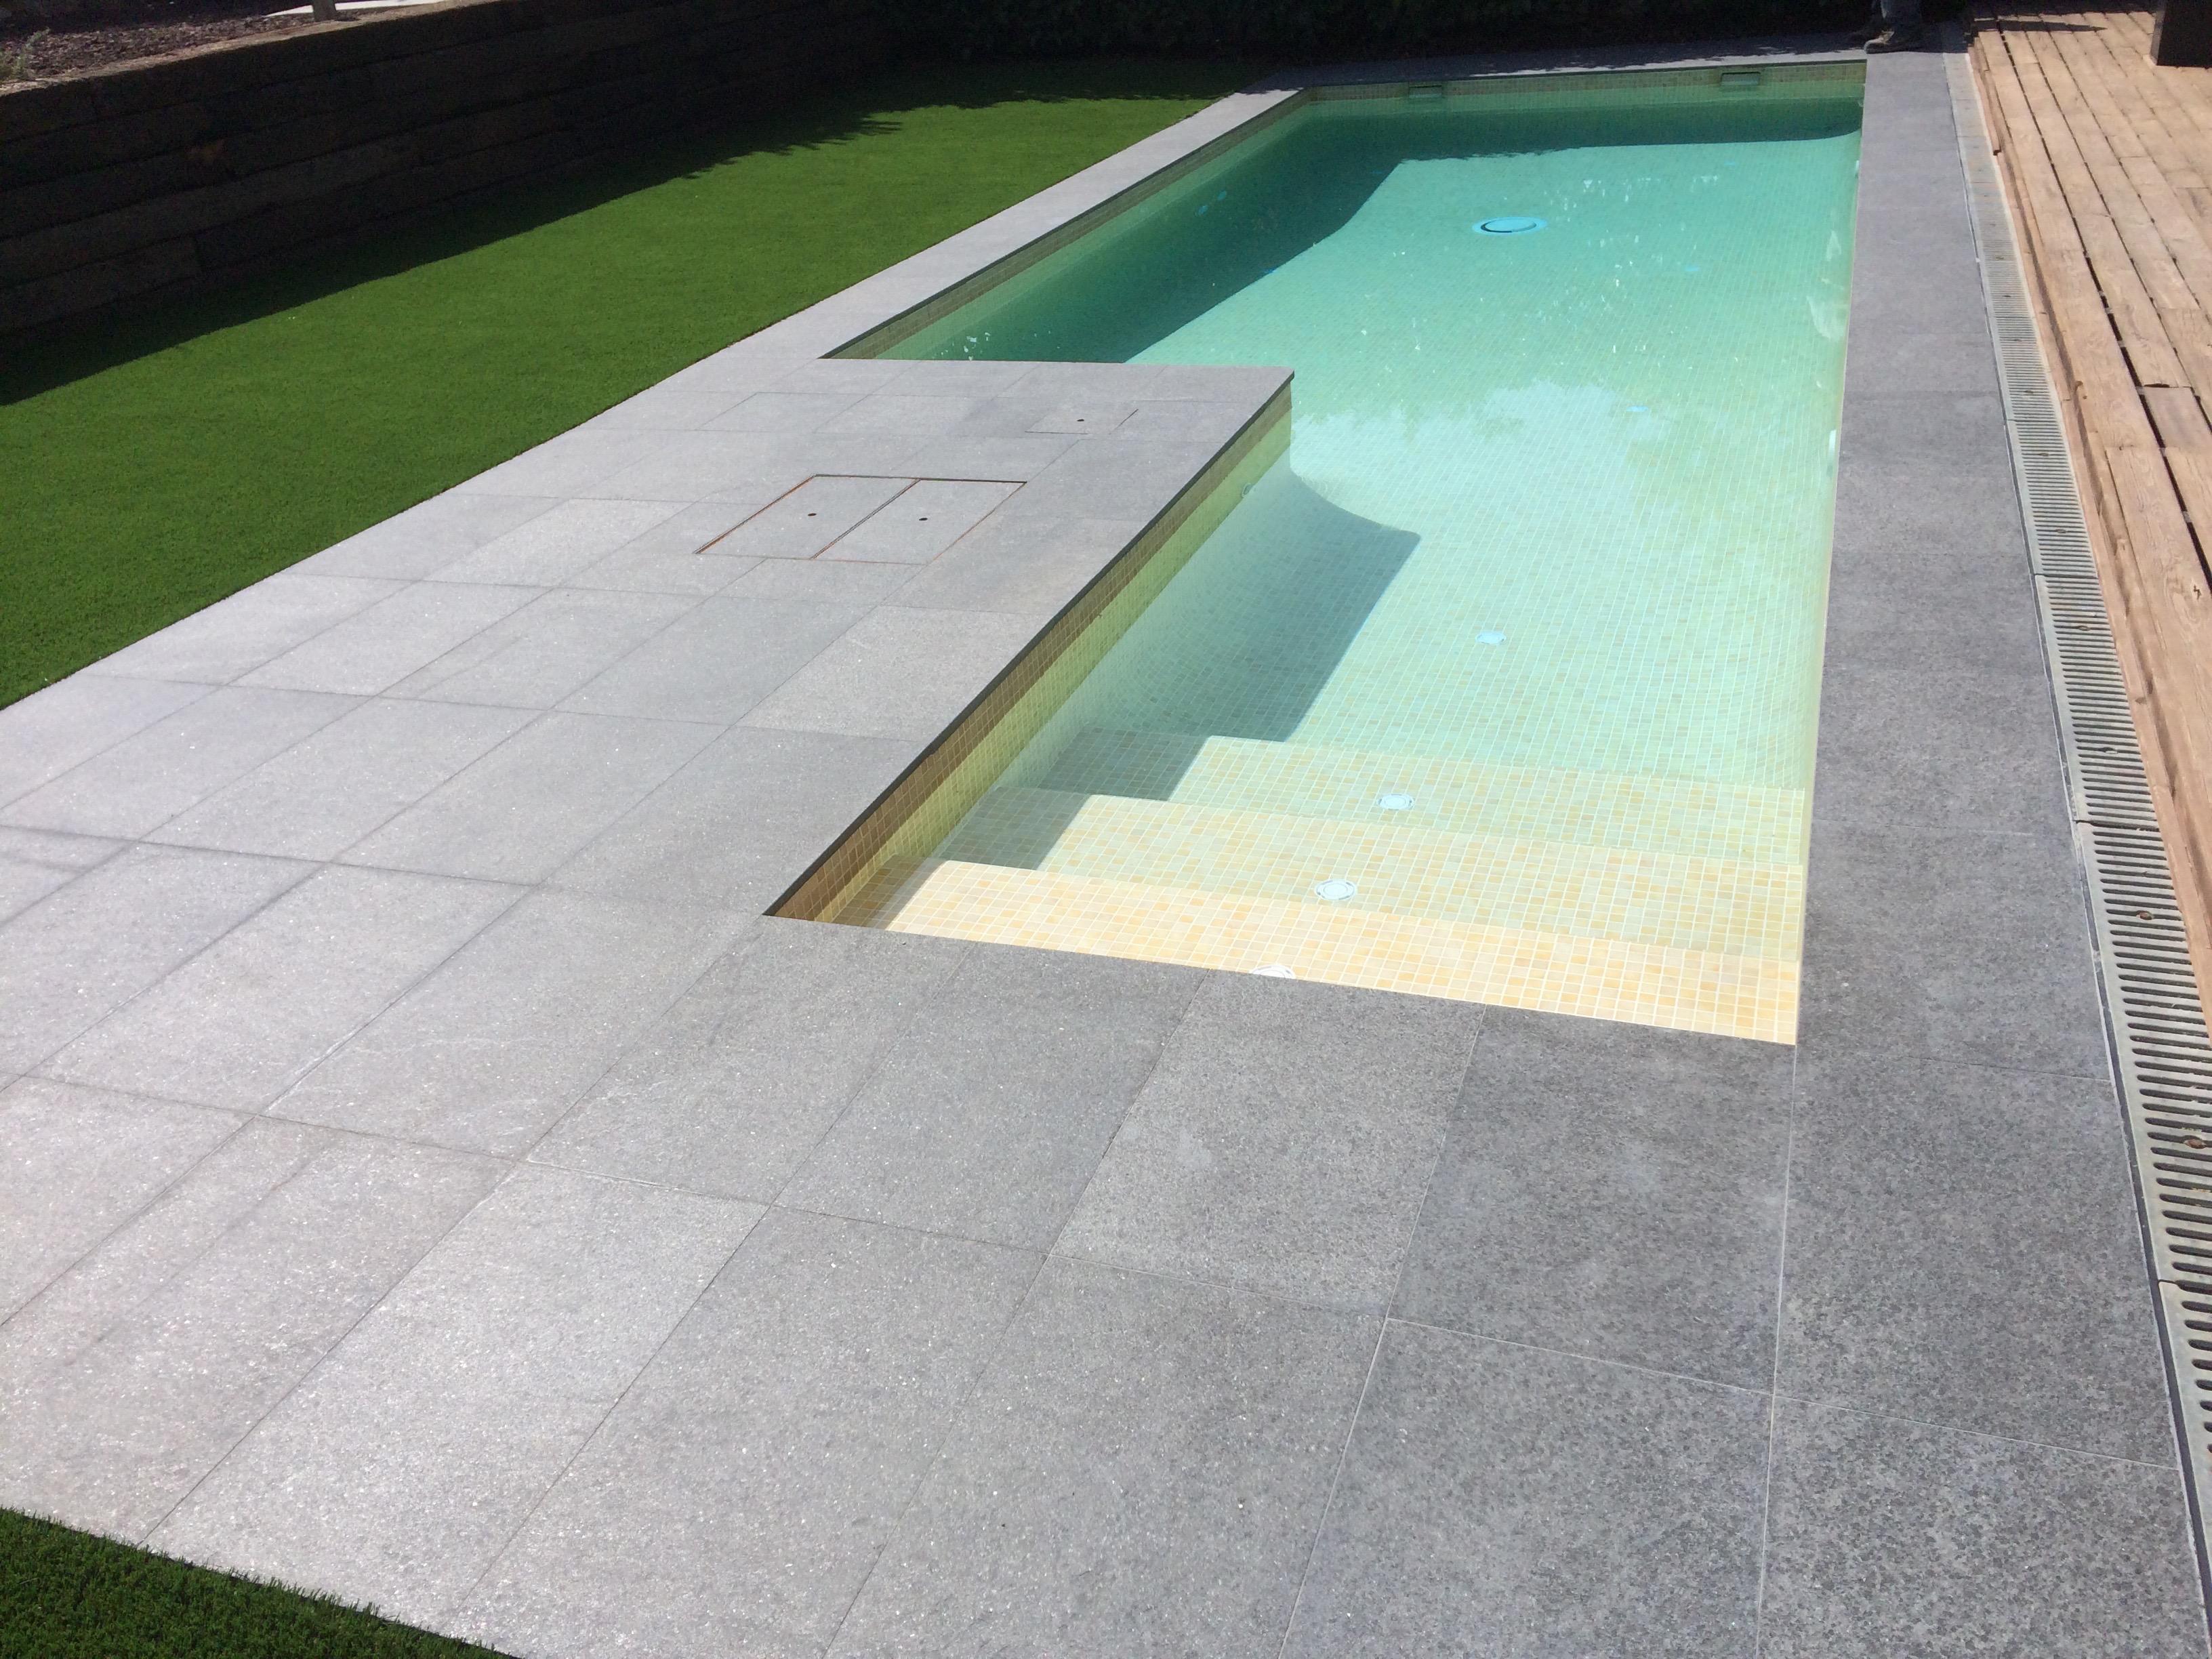 Construcci n de piscinas piscinas aop - Coronacion de piscinas precios ...